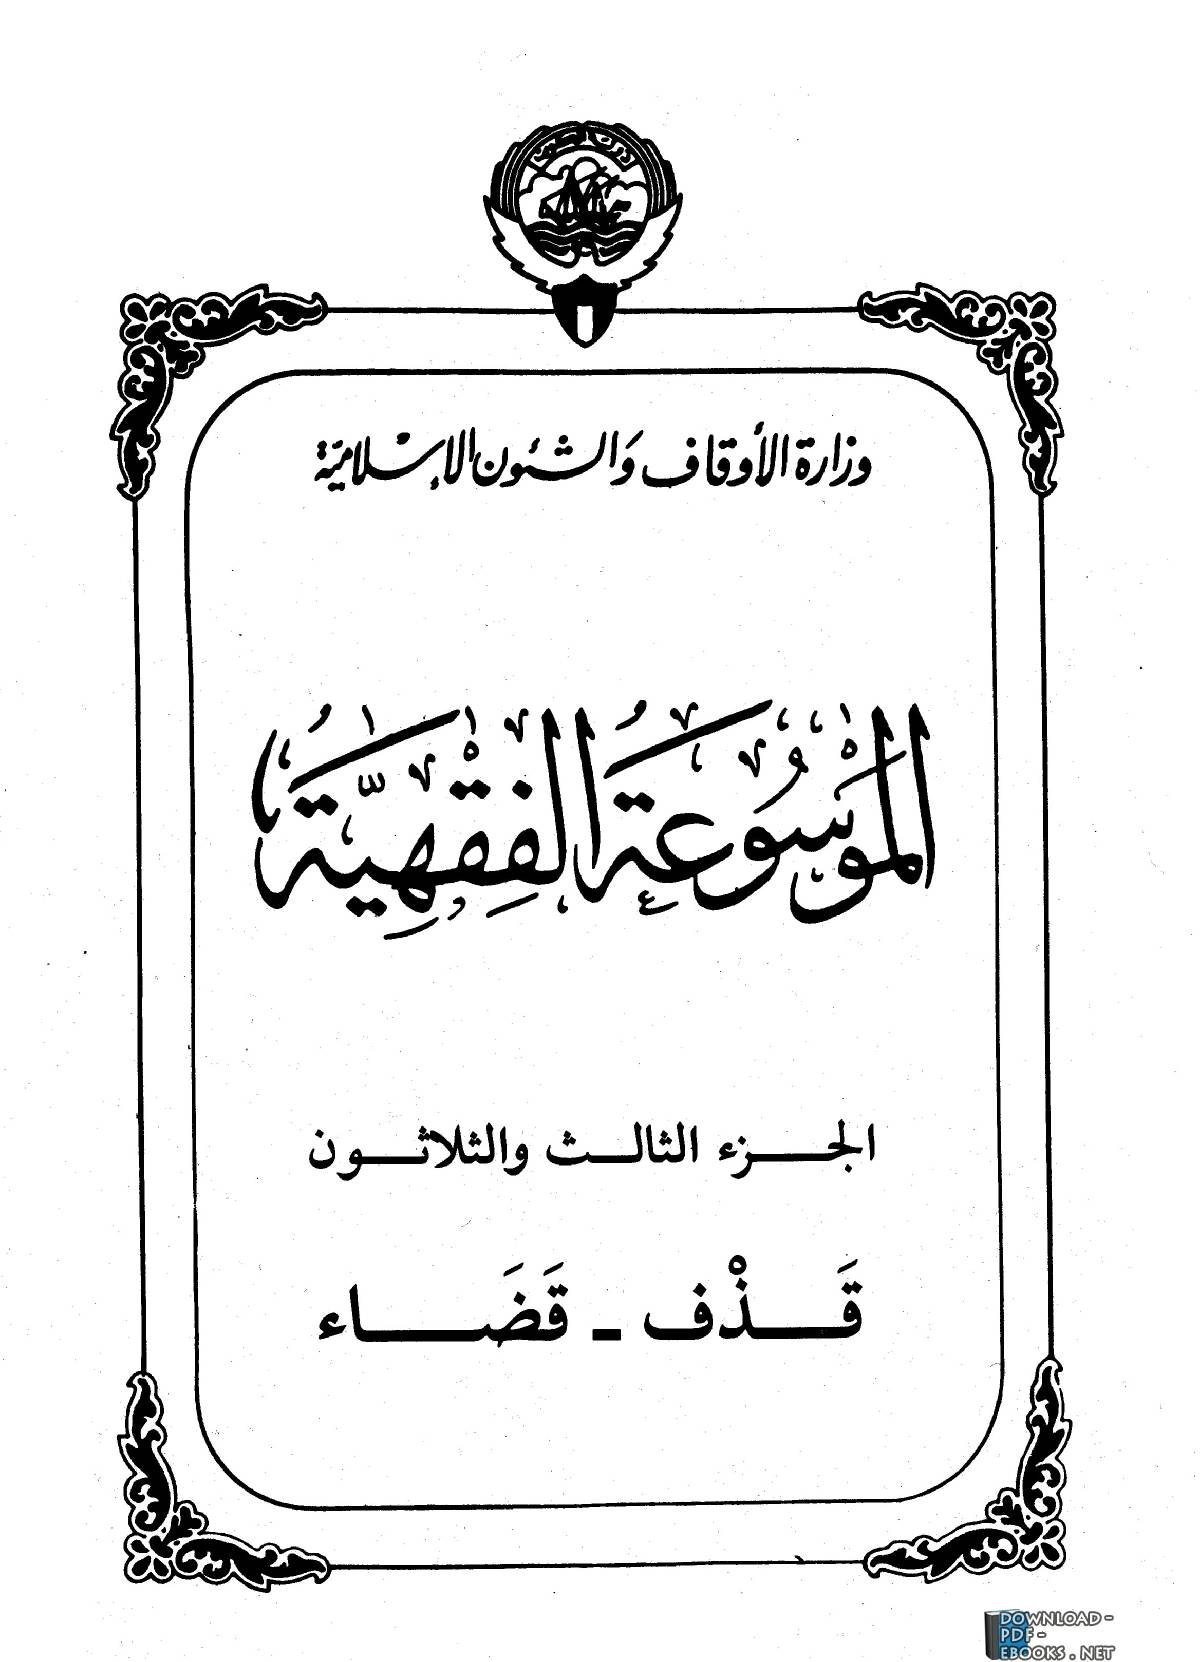 كتاب الموسوعة الفقهية الكويتية- الجزء الثالث والثلاثون (قذف – قضاء)